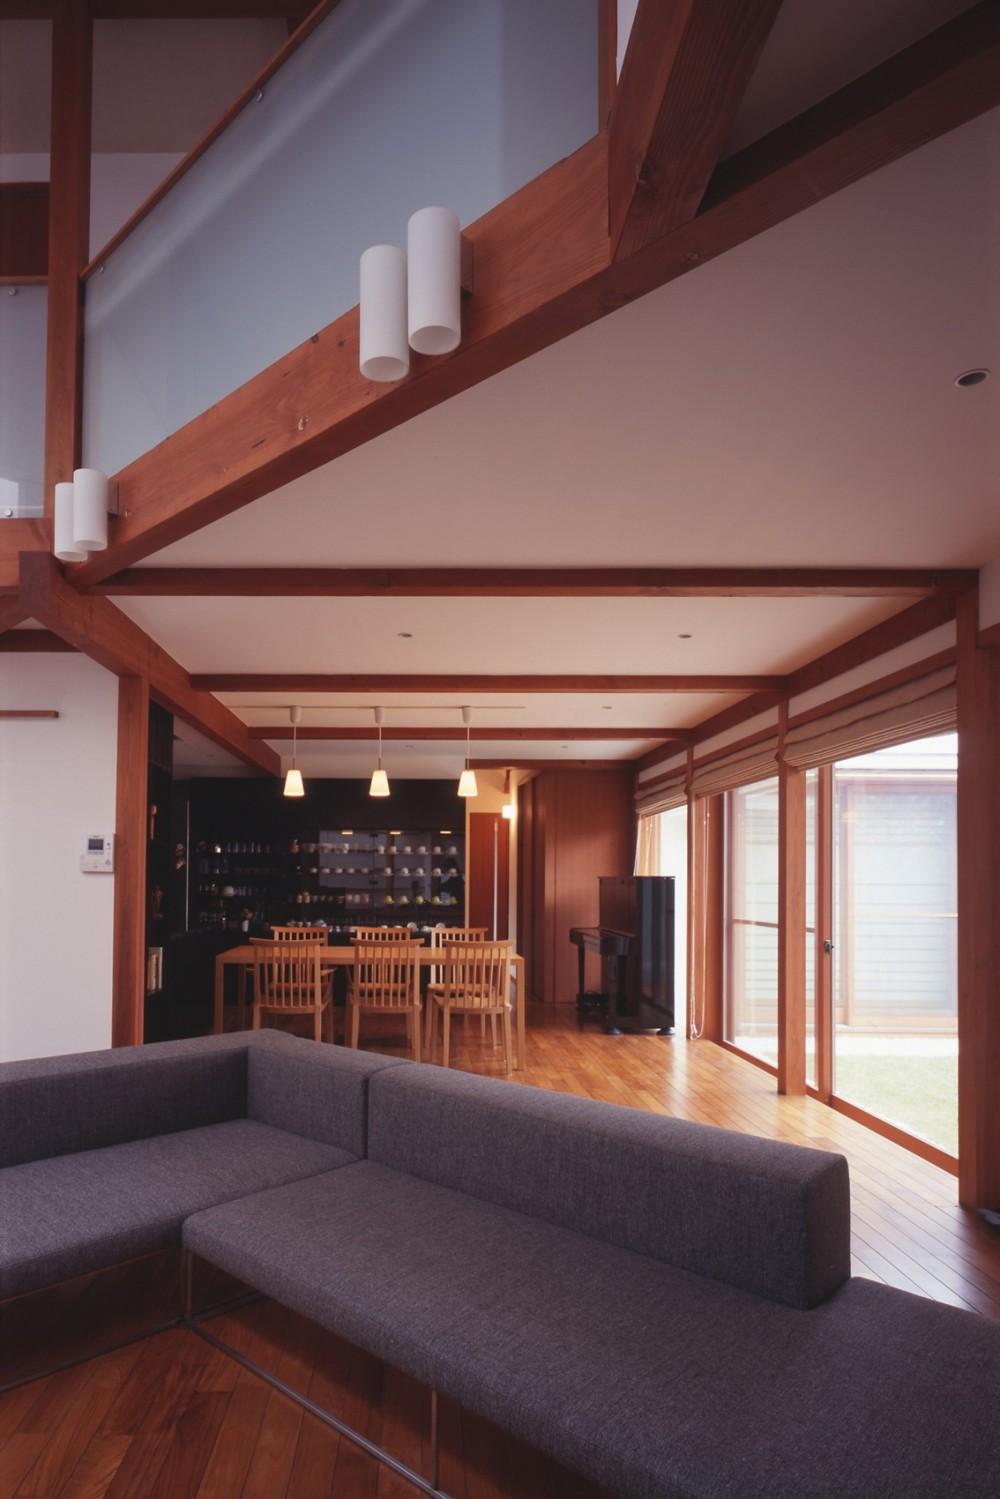 仕事場のある住まい|あなたの場所・自分の居場所を創る|リビングコーナーながら 専用の坪庭を持つスタディスペース (リビングから見通す)